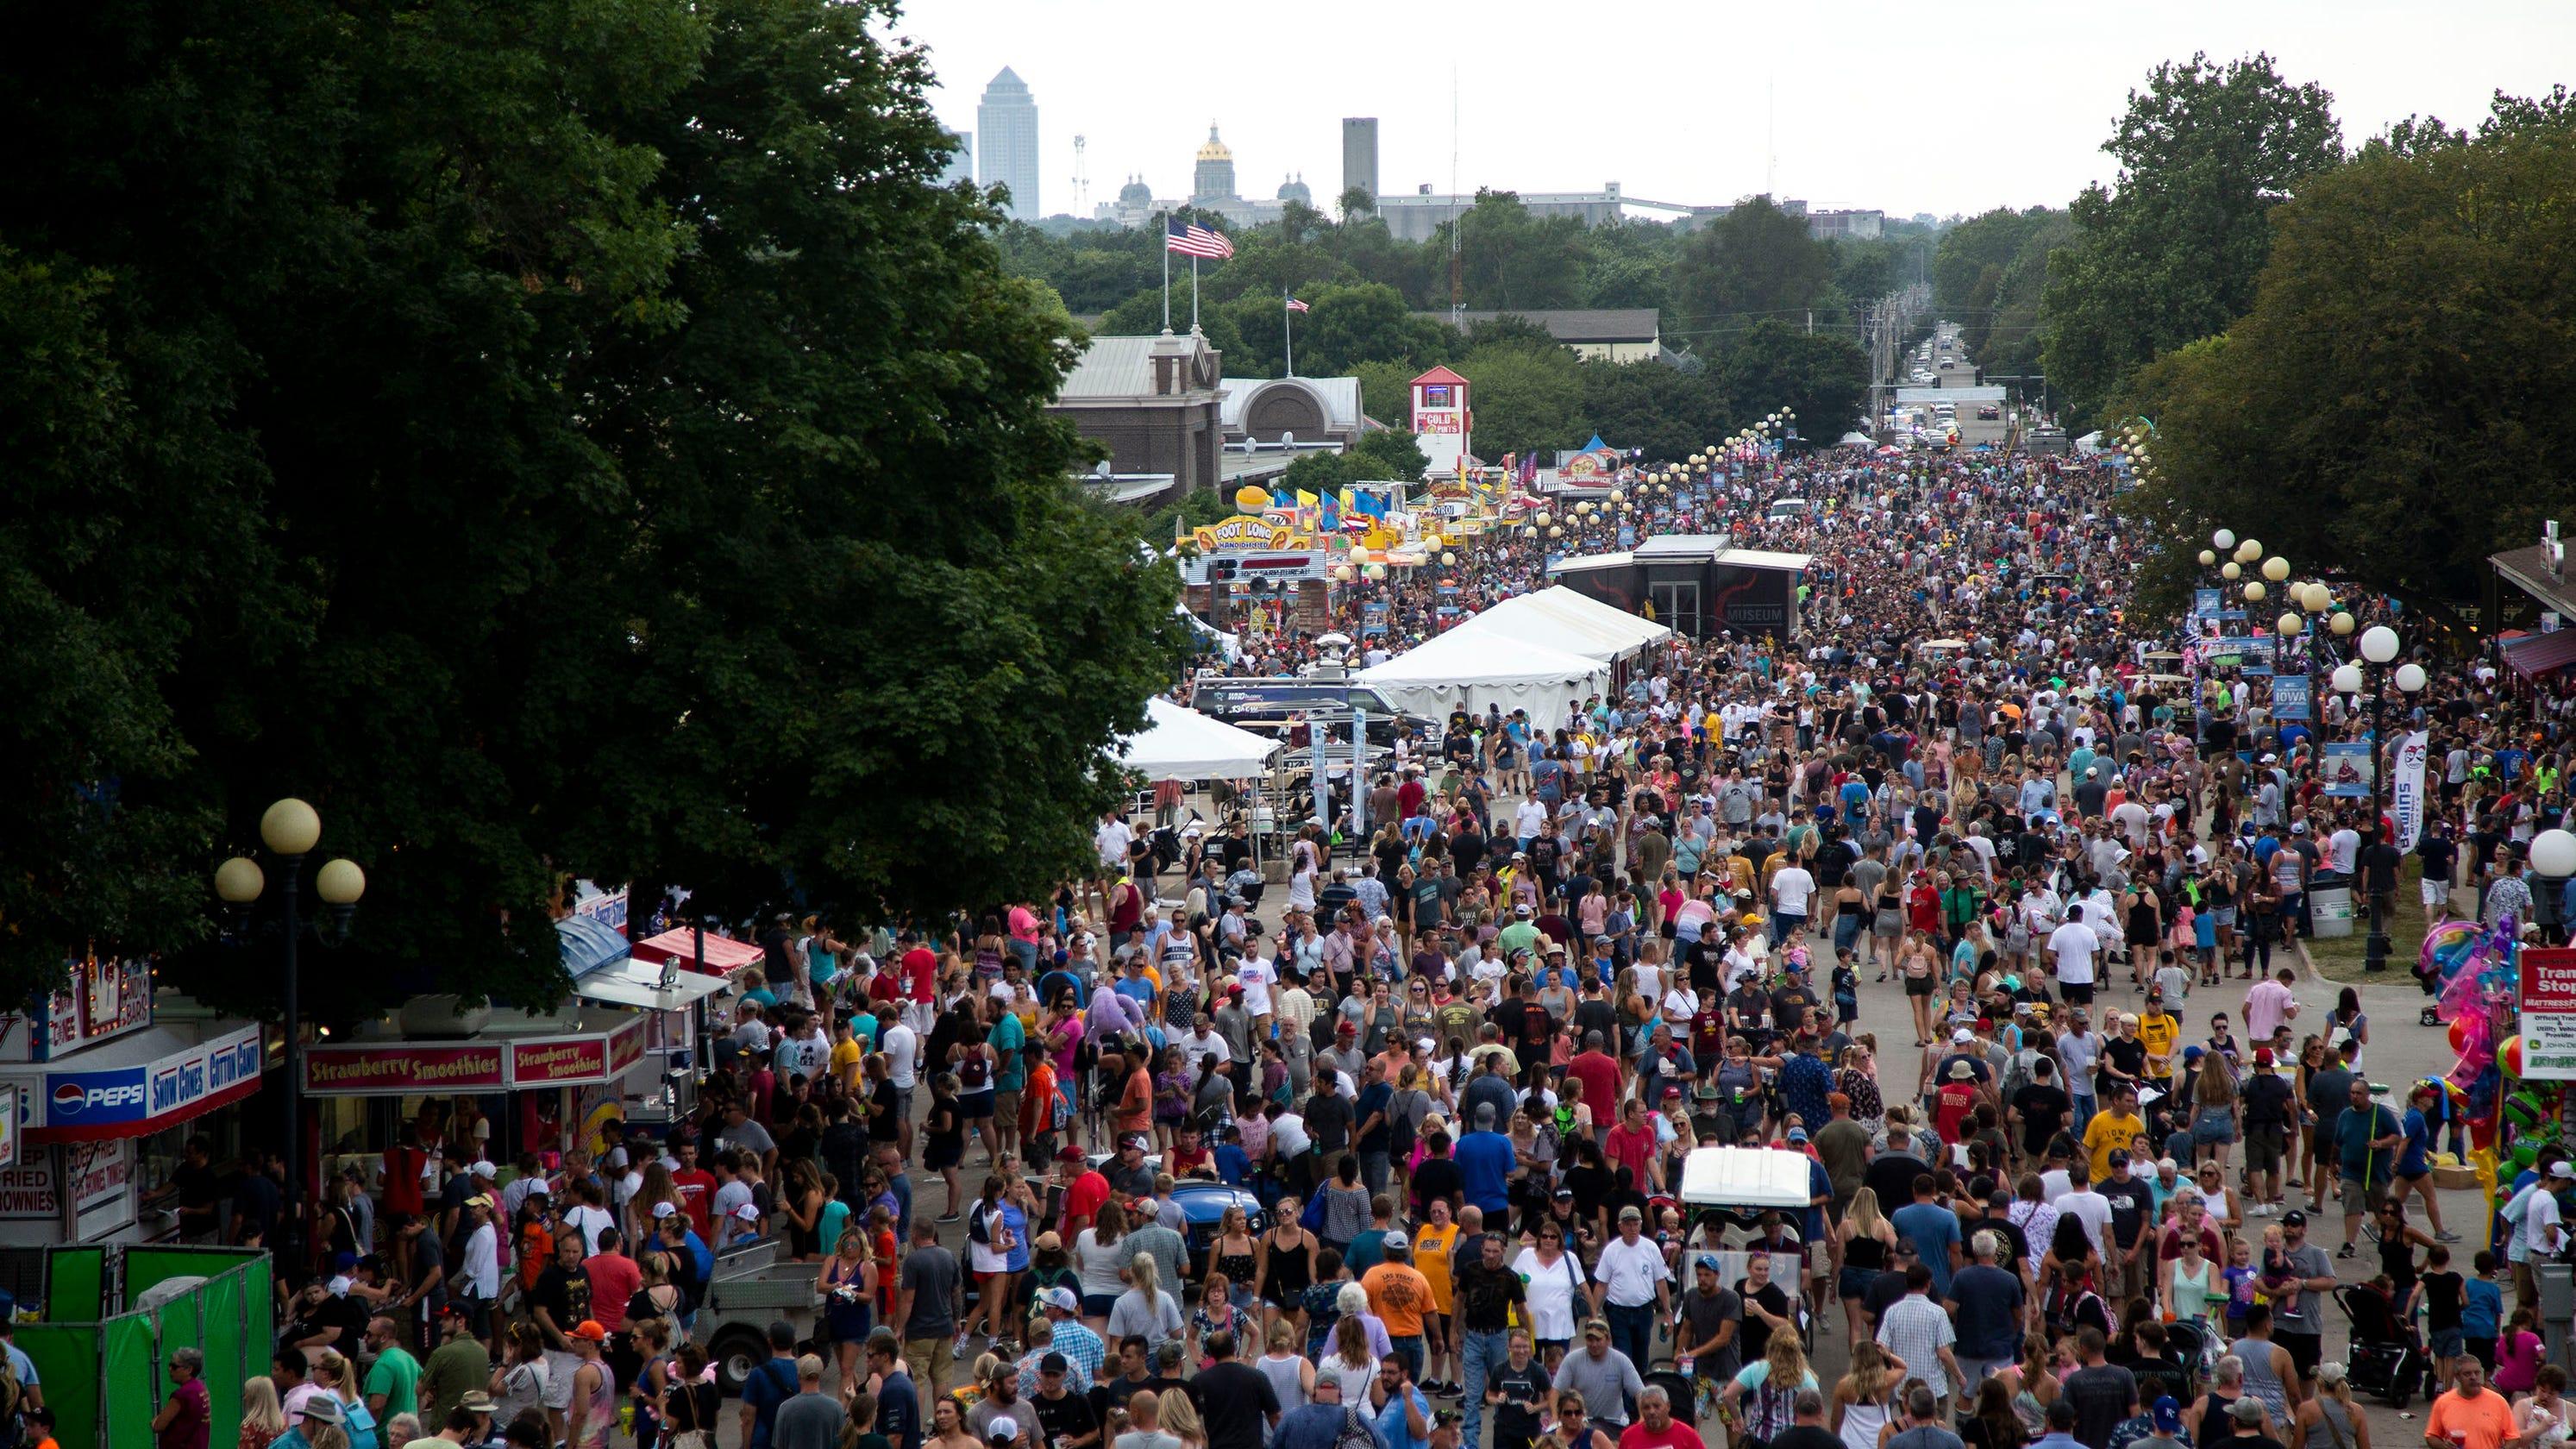 418,000 visit Iowa State Fair in first 4 days